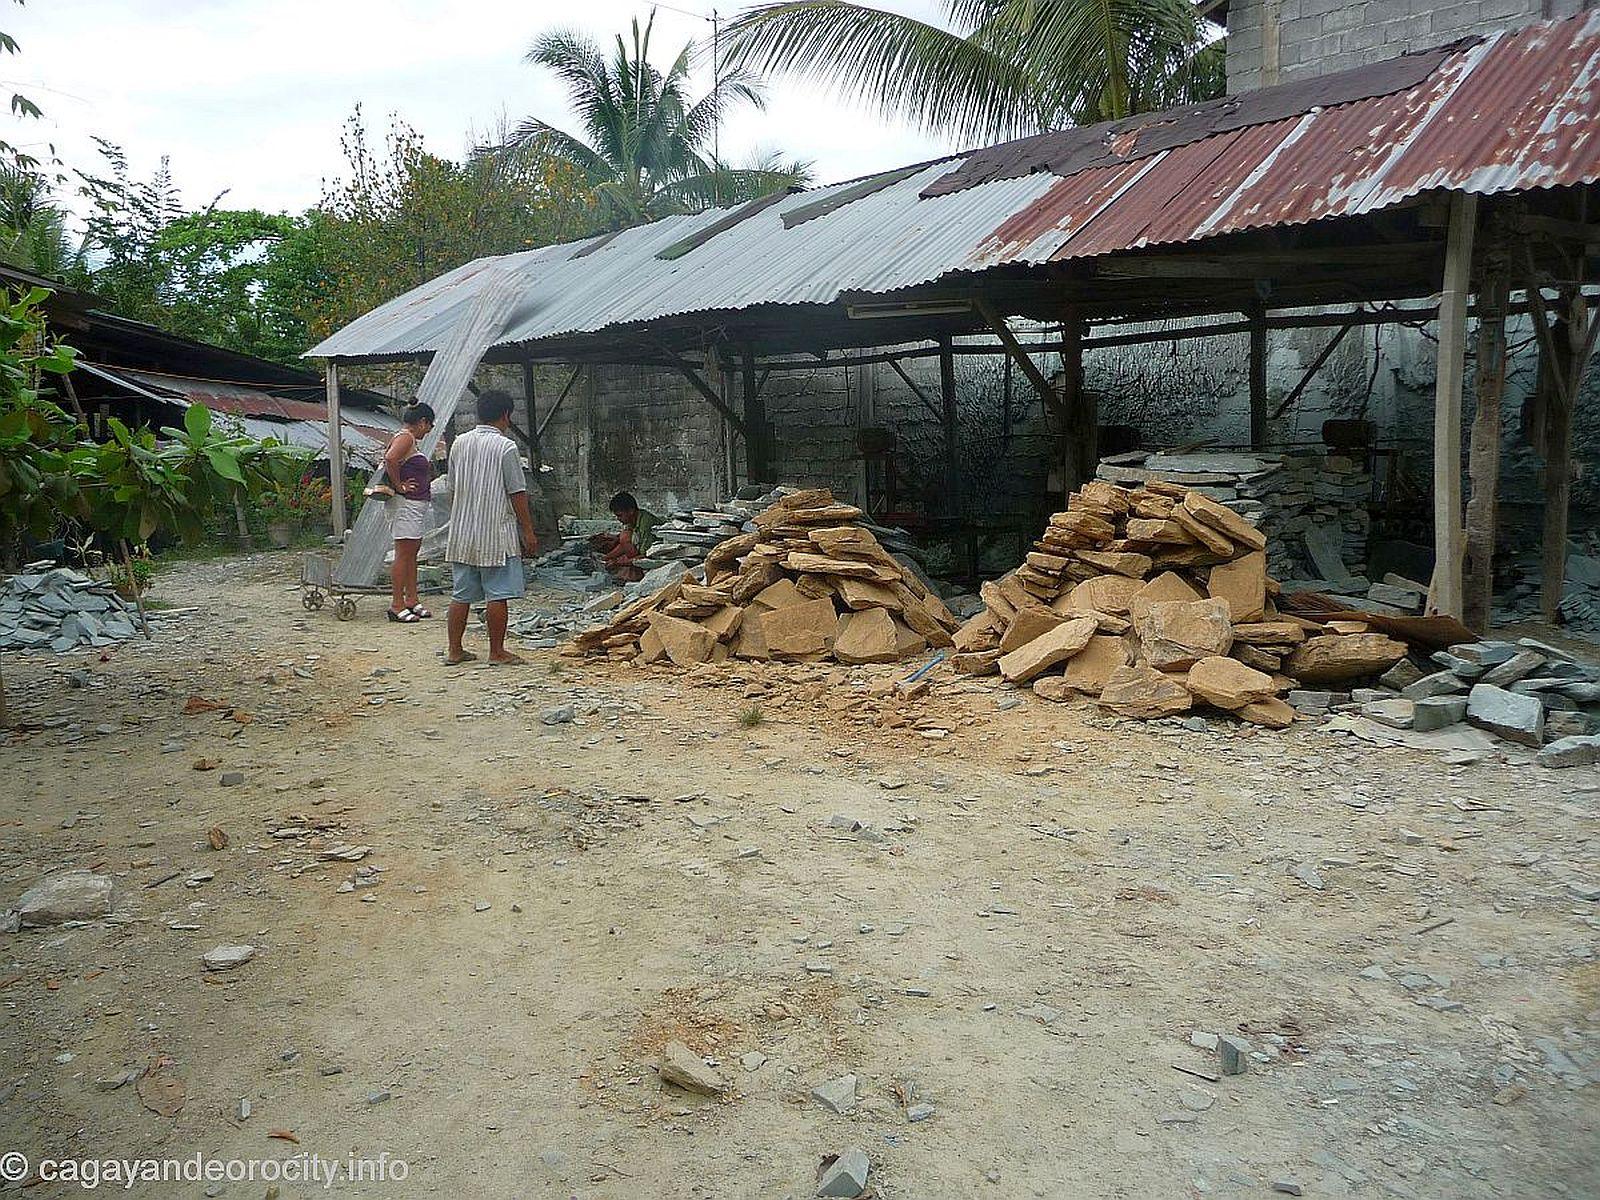 PHILIPPINEN REISEN - REISEBERICHTE - ALLGEMEIN - Die Mangima Steine